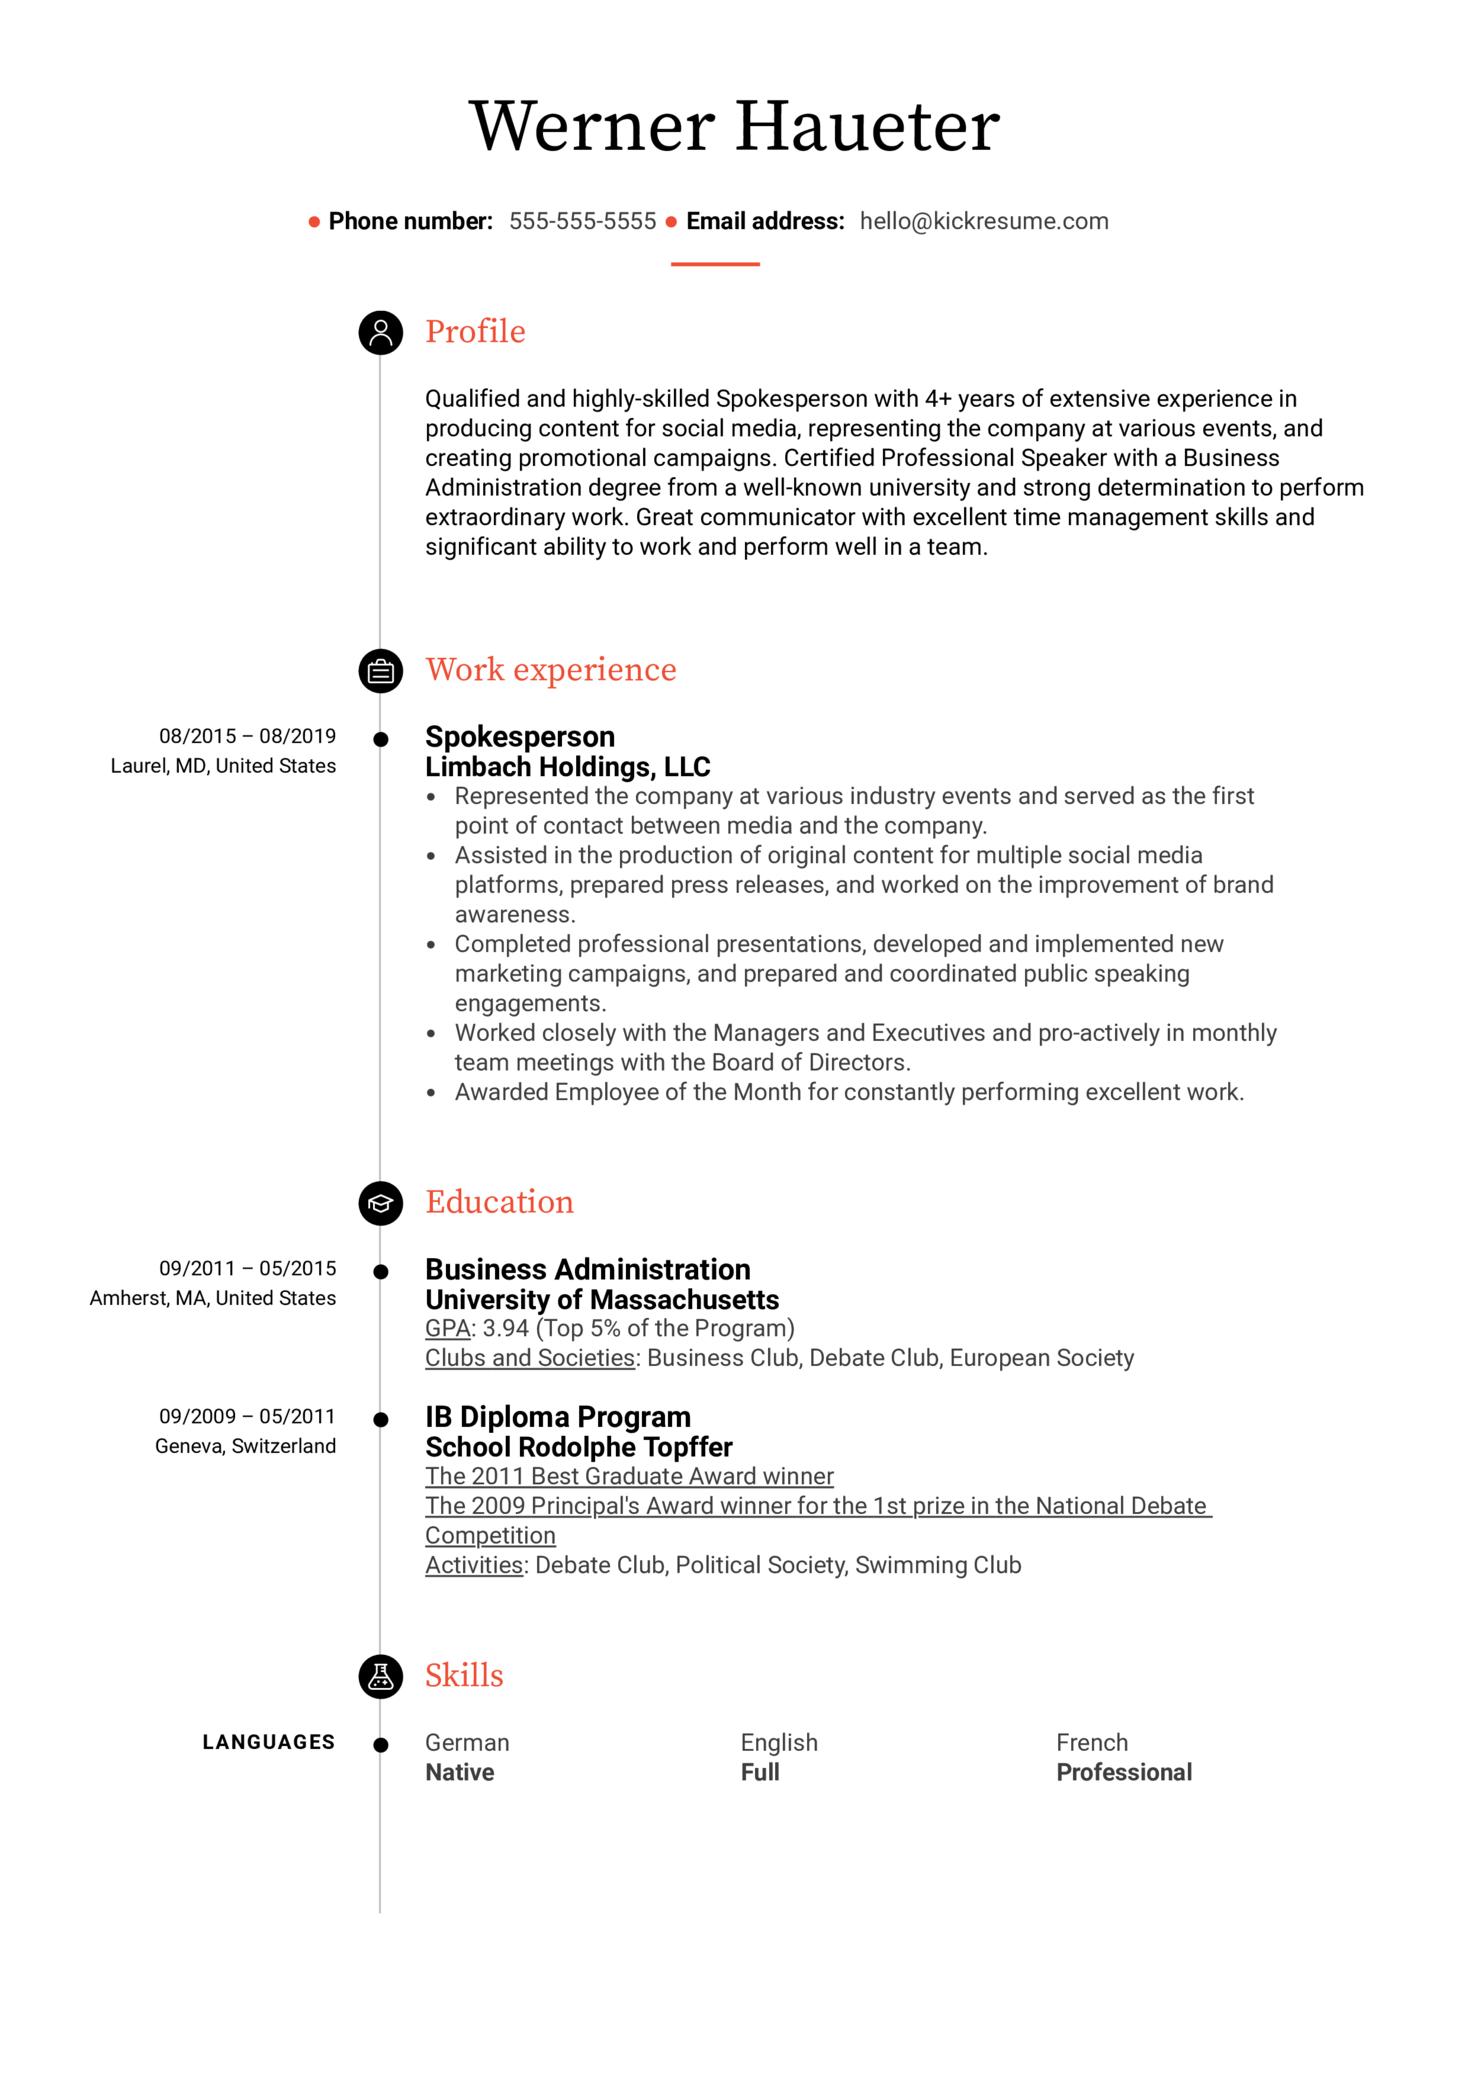 Spokesperson Resume Sample (Part 1)